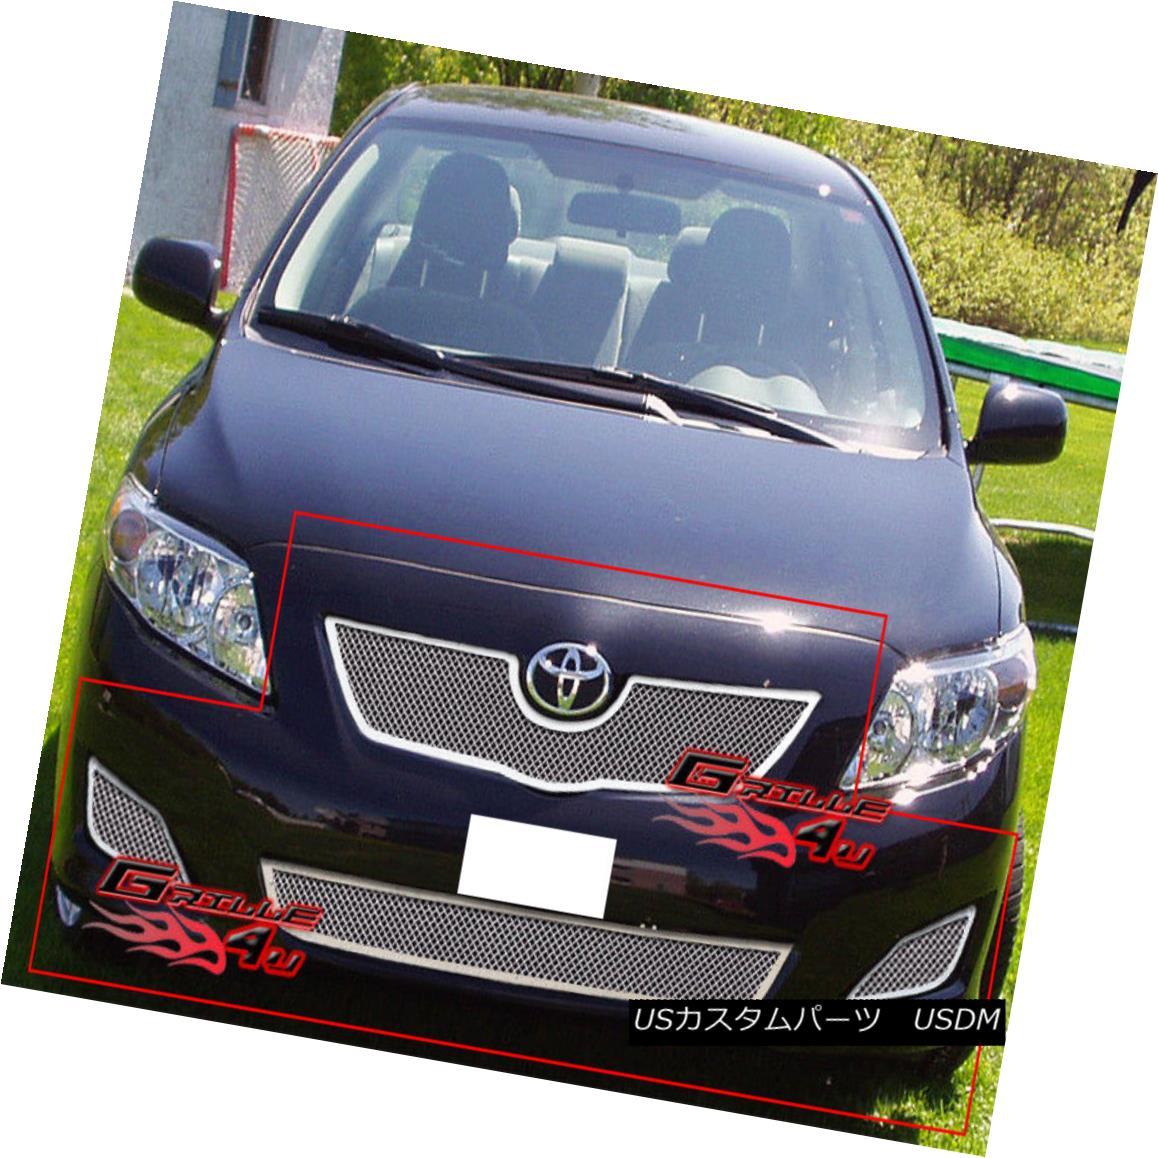 グリル For 09-10 Toyota Corolla Stainless Steel Mesh Grille Insert 09-10トヨタカローラステンレスメッシュグリルインサート